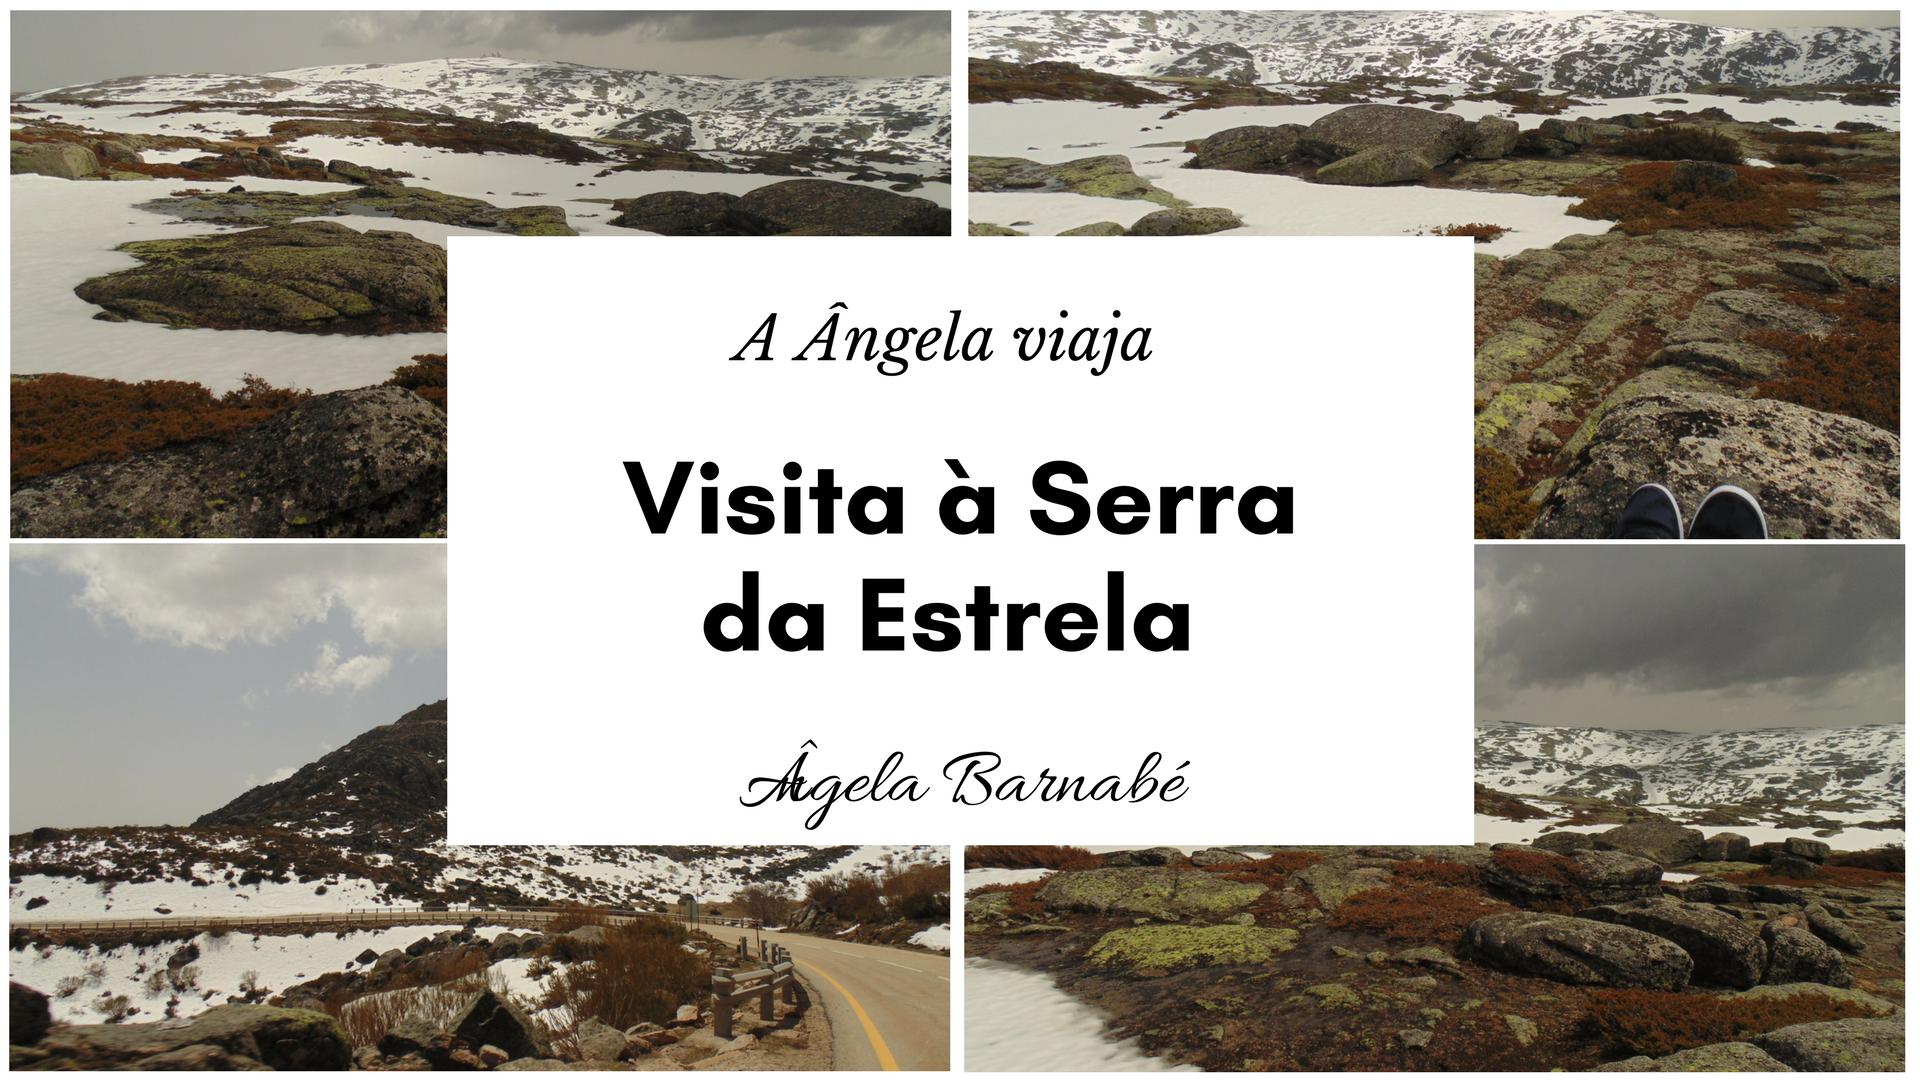 Visita à Serra da Estrela – A Ângela viaja